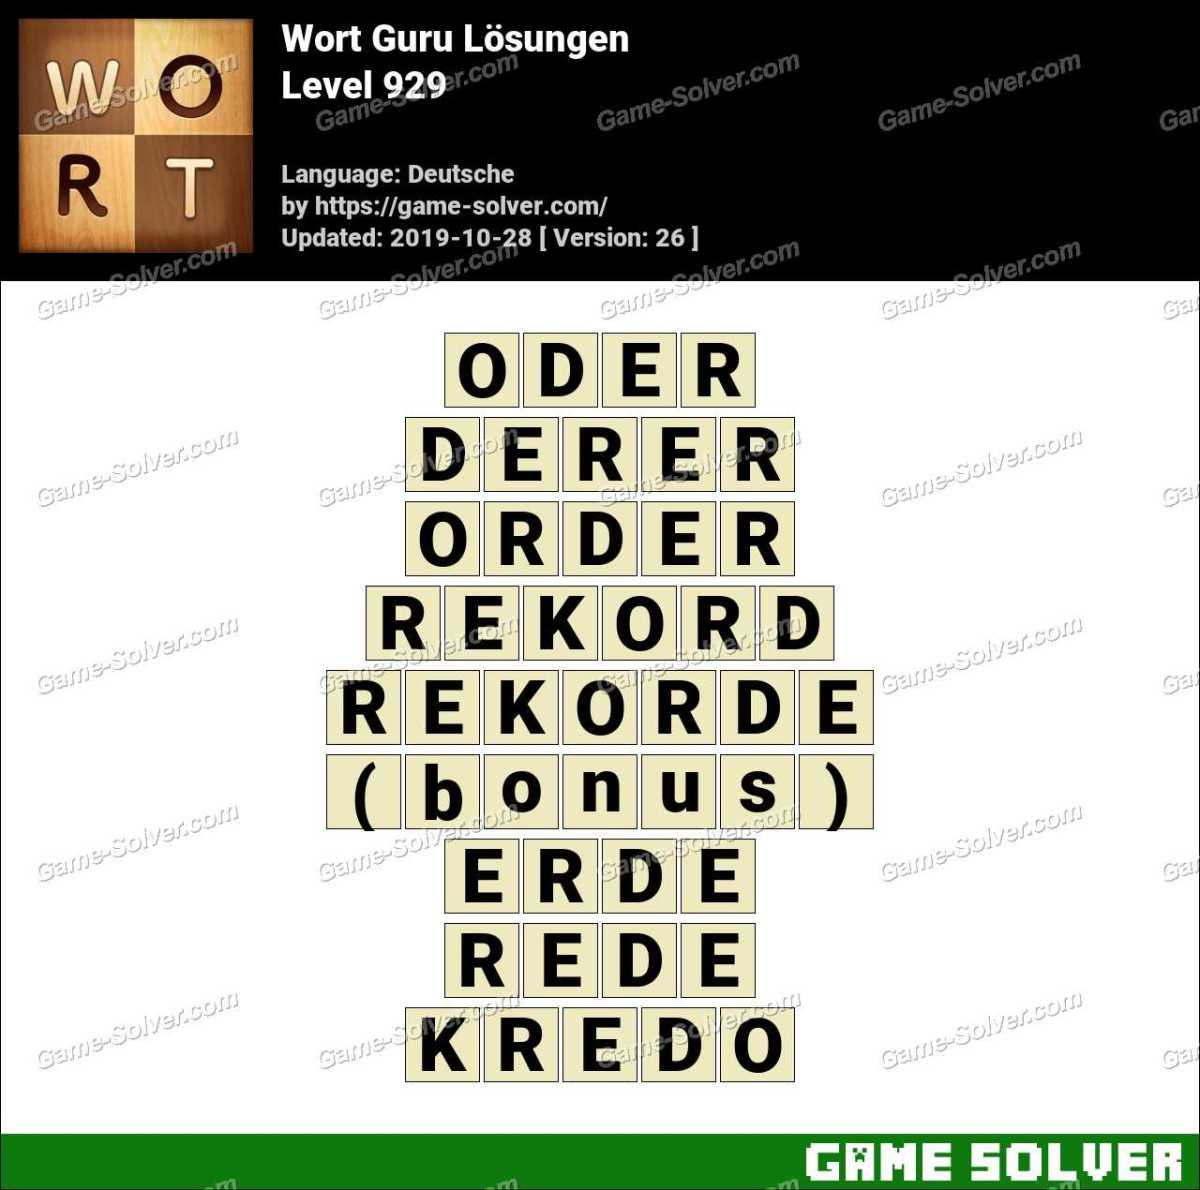 Wort Guru Level 929 Lösungen